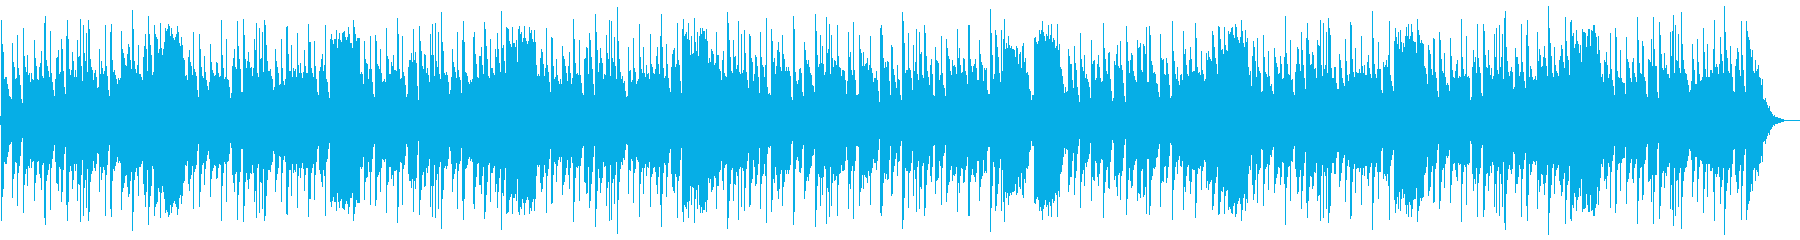 コミカルなハロウィンの曲の再生済みの波形